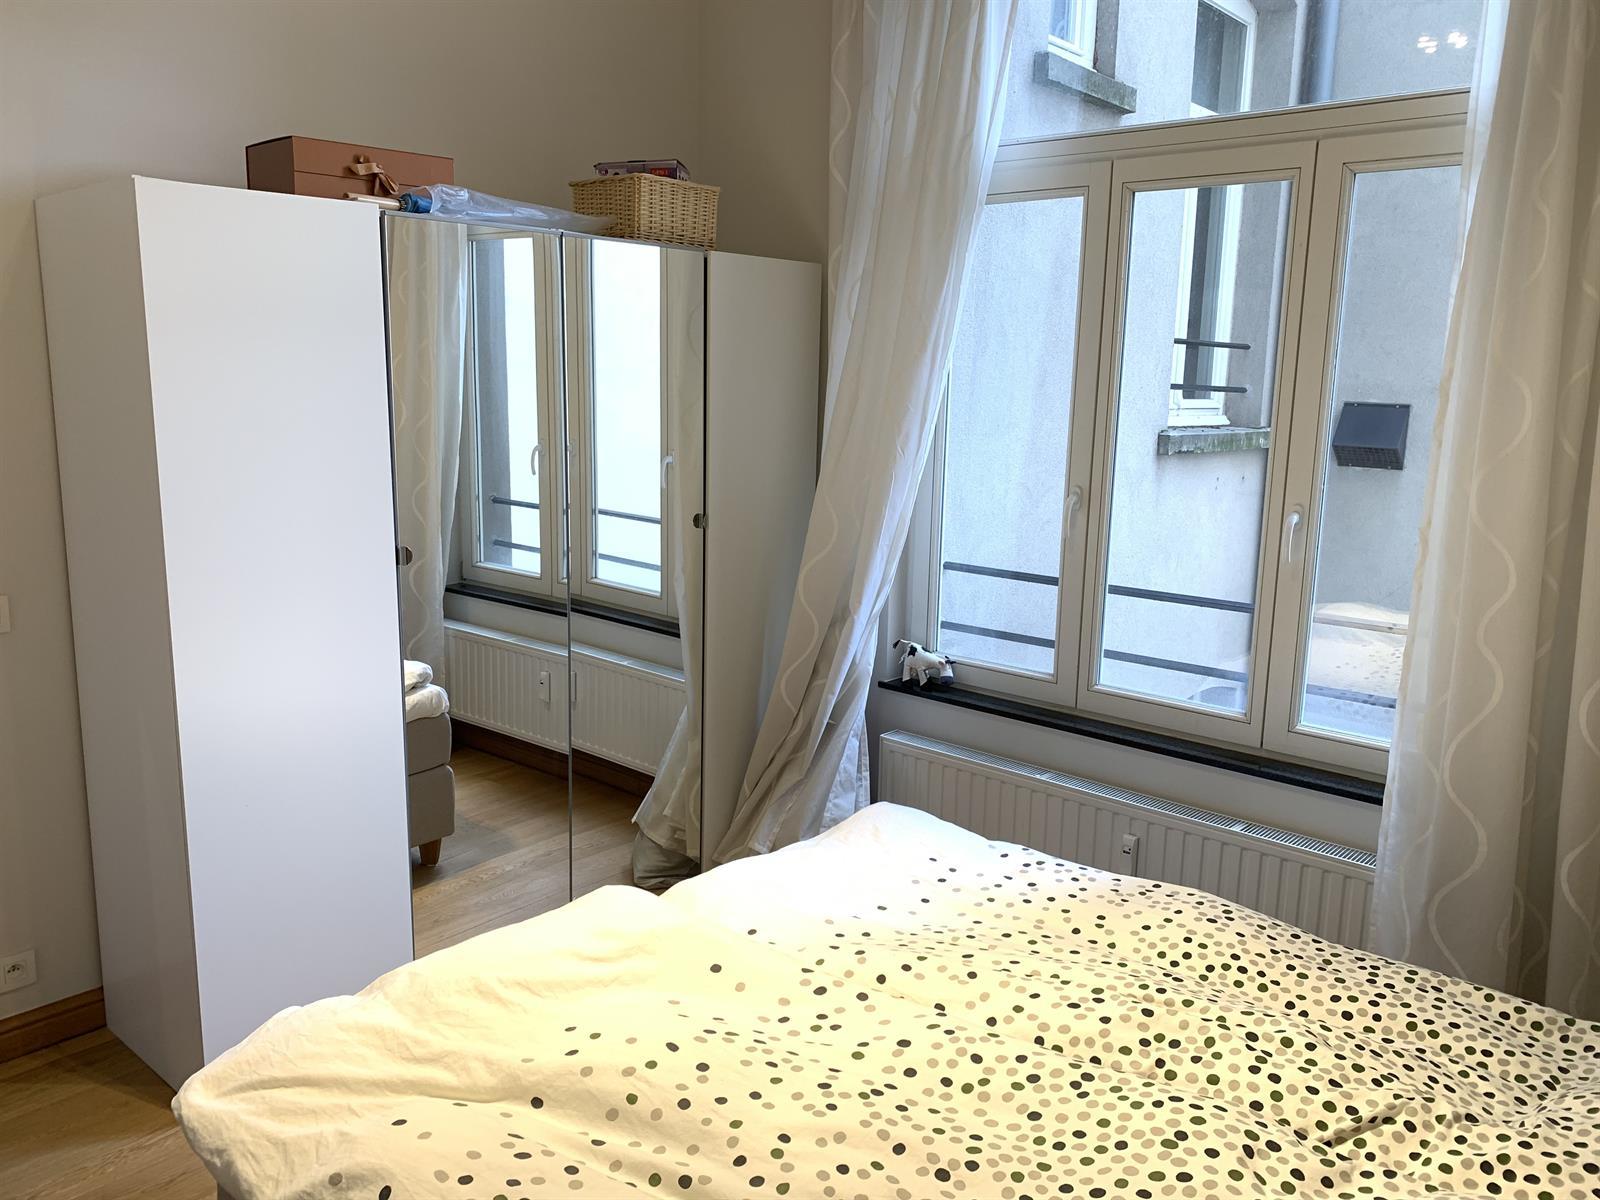 Appartement exceptionnel - Bruxelles - #3965237-45